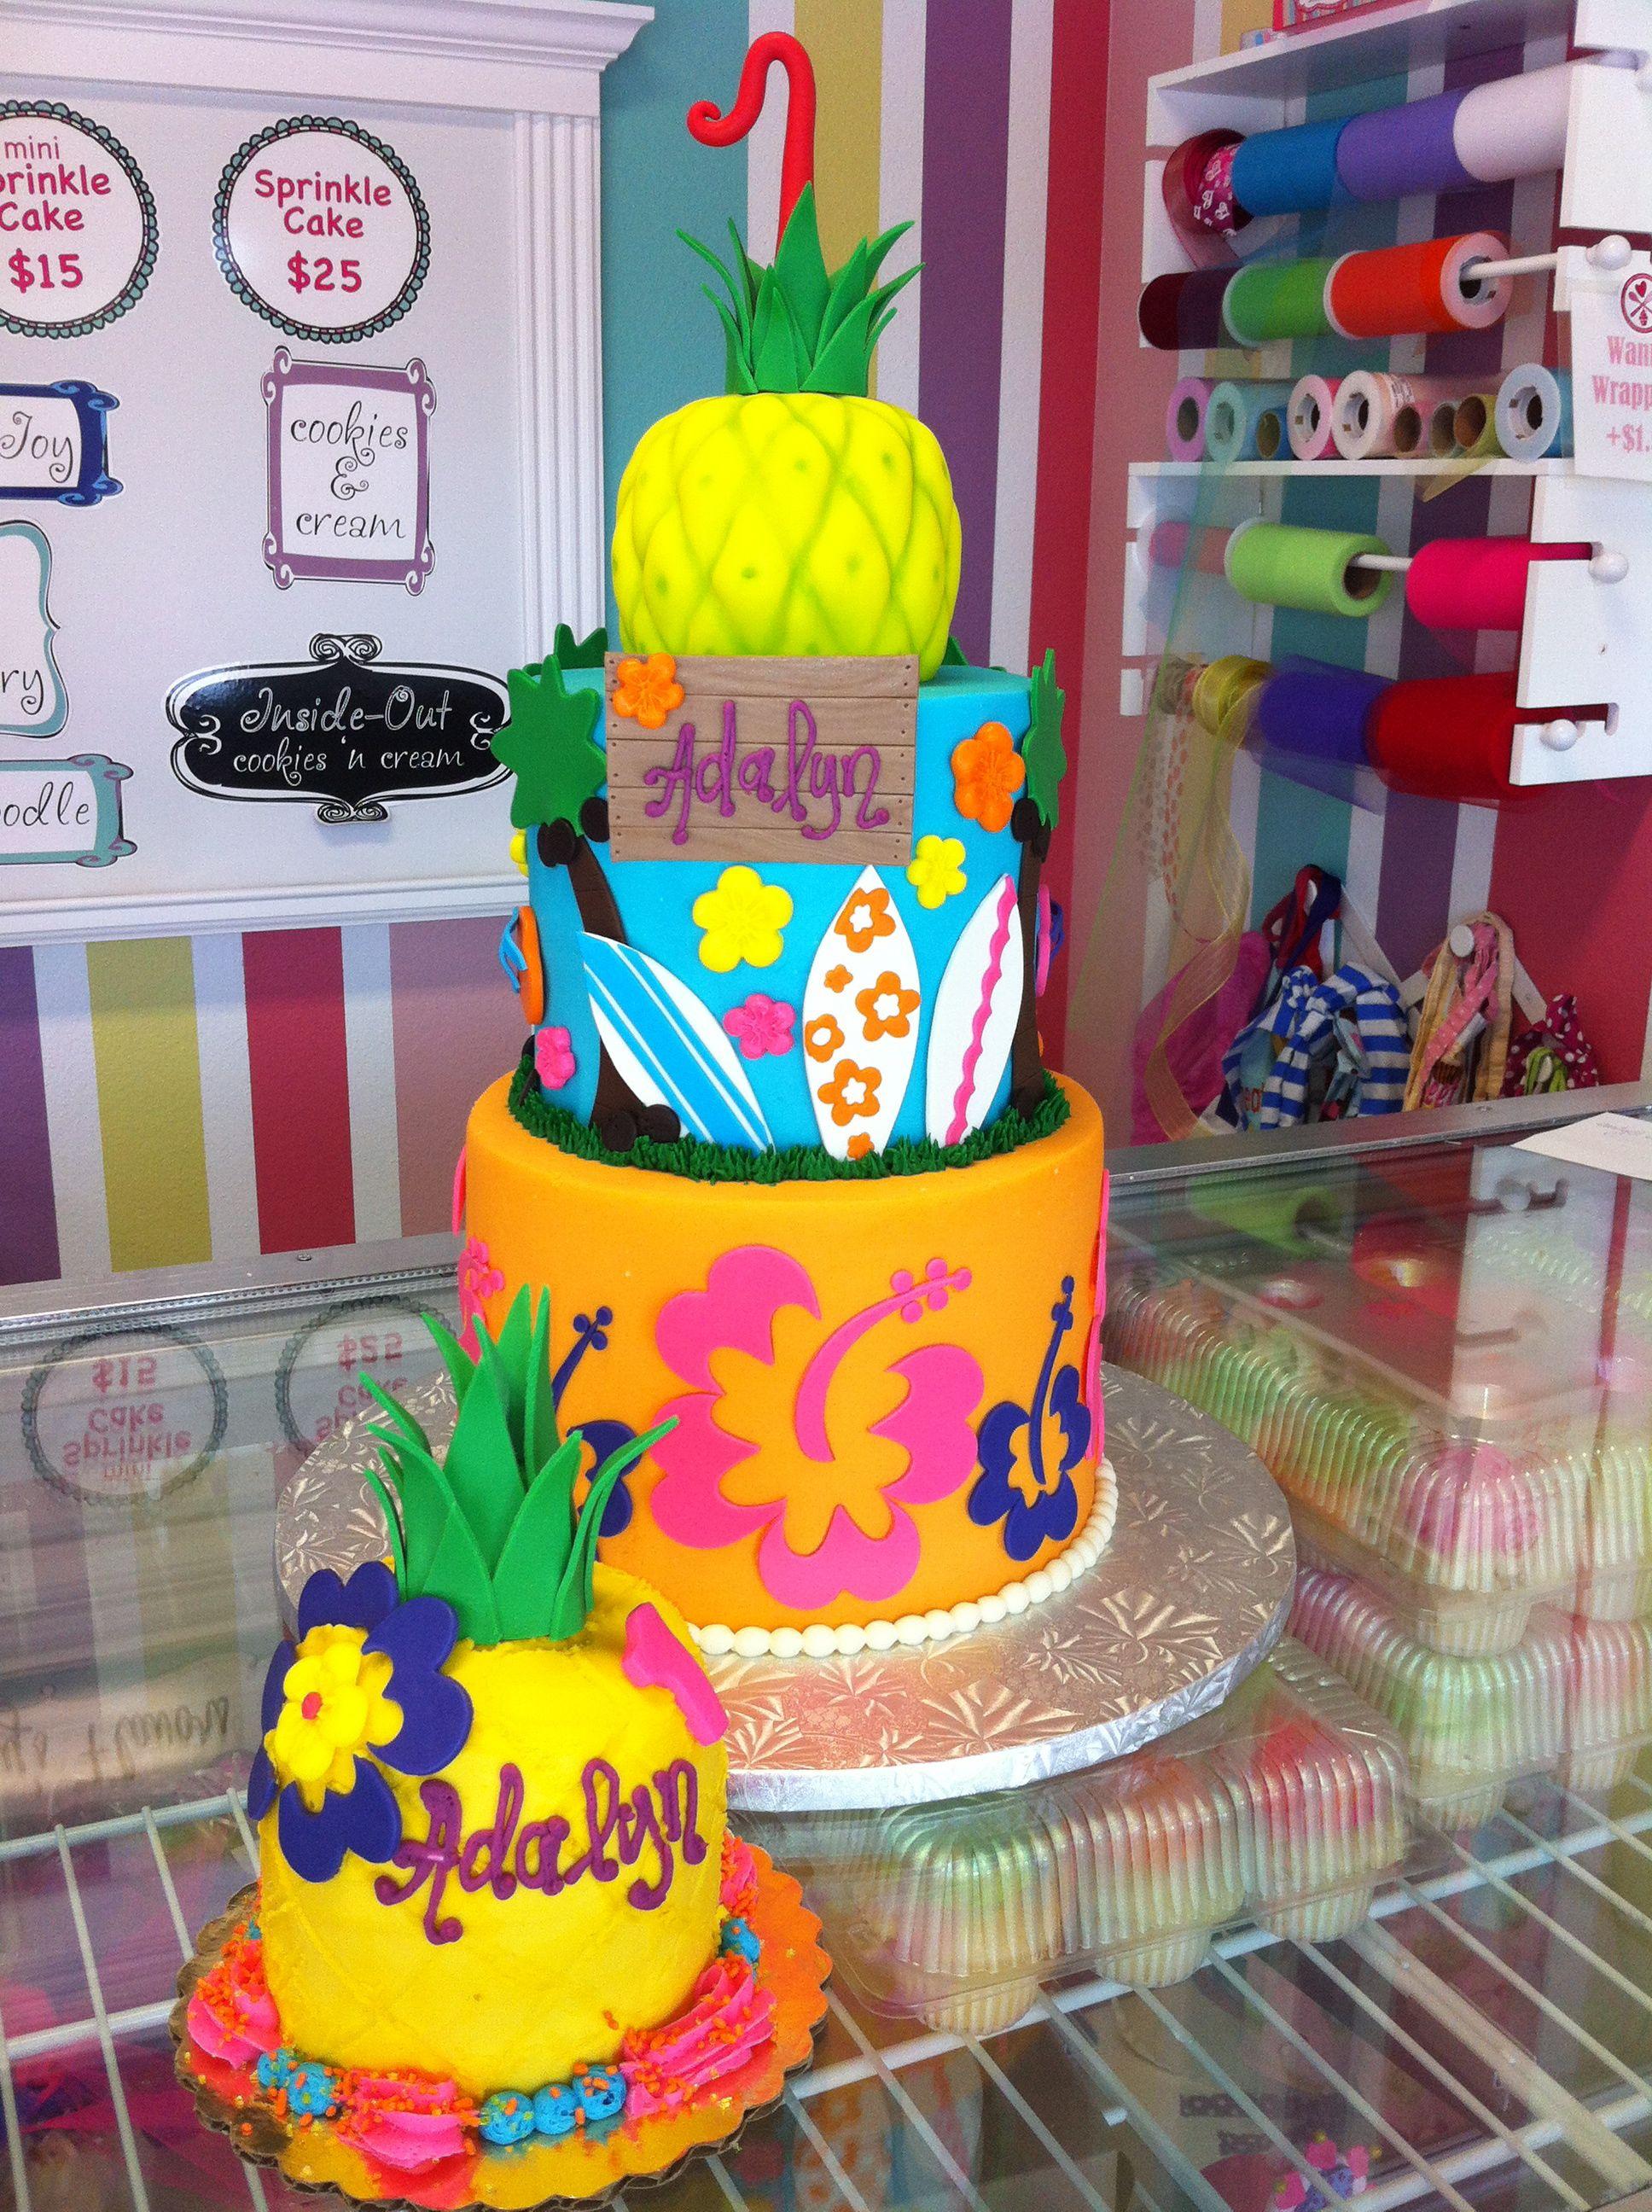 Hawaiin Pineapple Surfing Girly Birthday Cake And Smash Cake Www